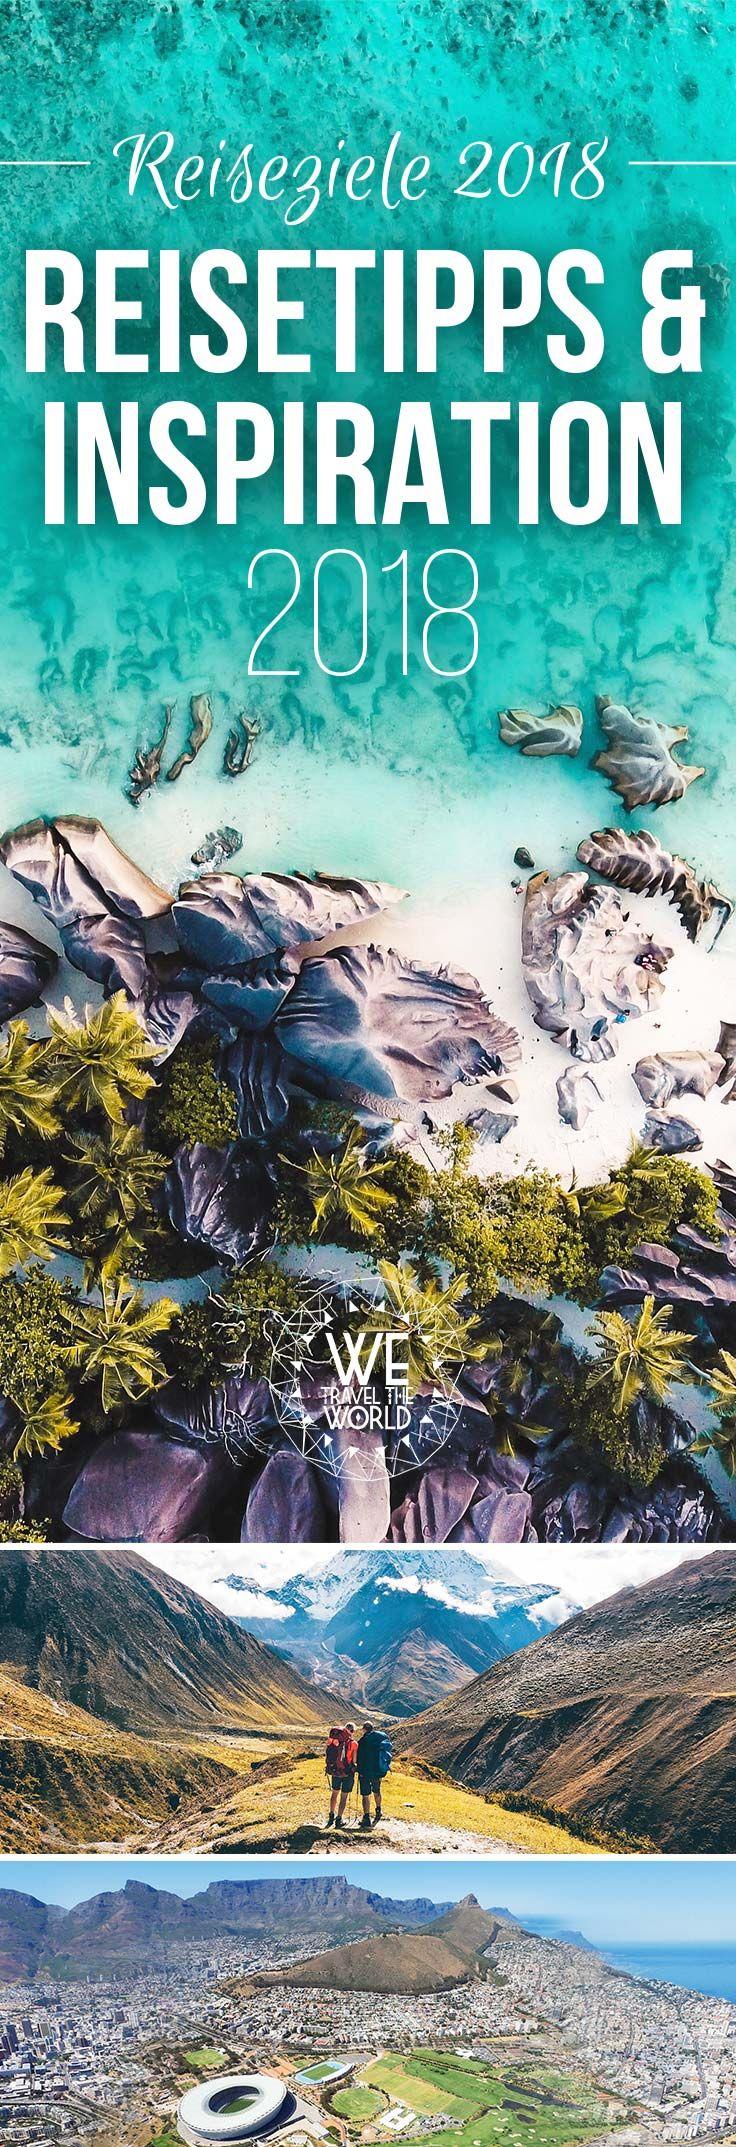 Du suchst noch ein Reiseziel 2018? Kein Problem, wir haben dir in unserem Jahresrückblick 2017 die beste Reiseinspiration 2018 zusammen gestellt. Egal ob Seychellen, Florida Keys, Kirgistan oder Nepal – es ist garantiert für jeden etwas dabei! #reiseziele2018 #reiseinspiration #urlaub